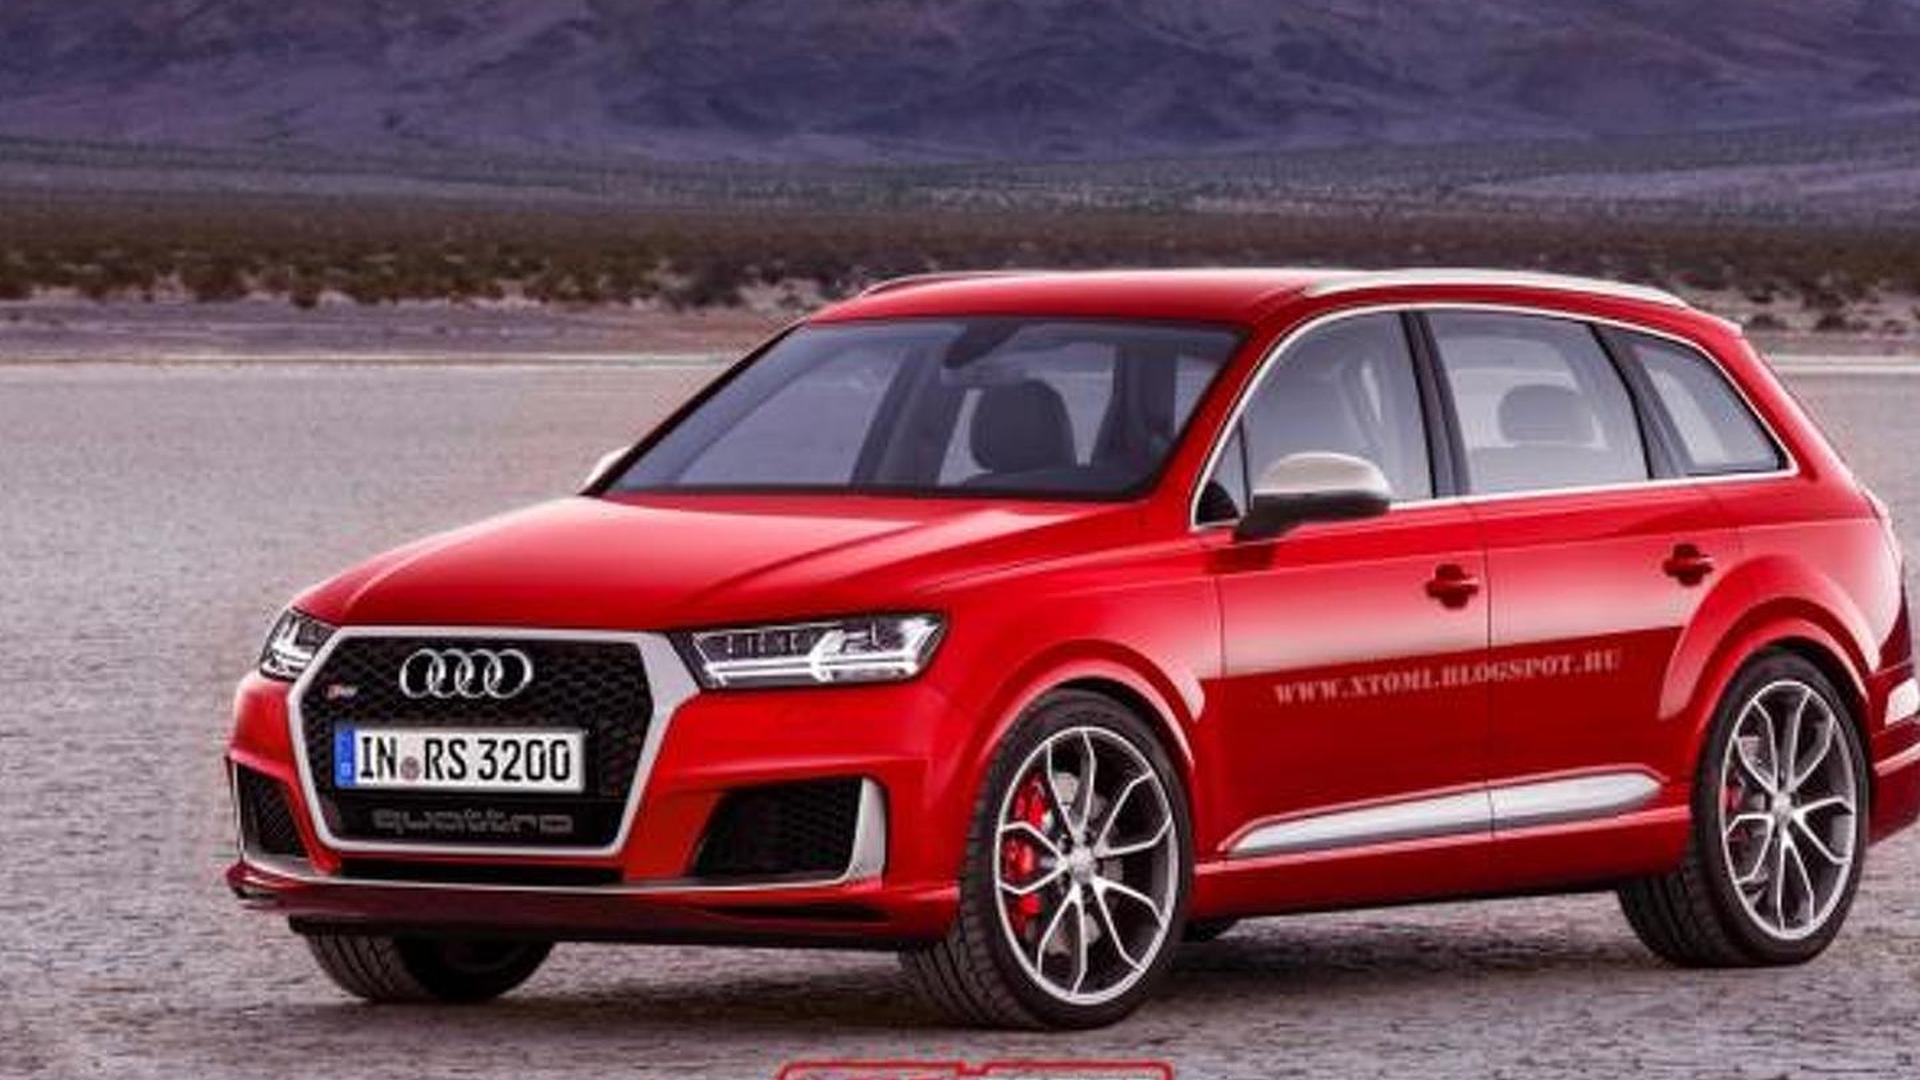 Audi RS Q7 digitally imagined